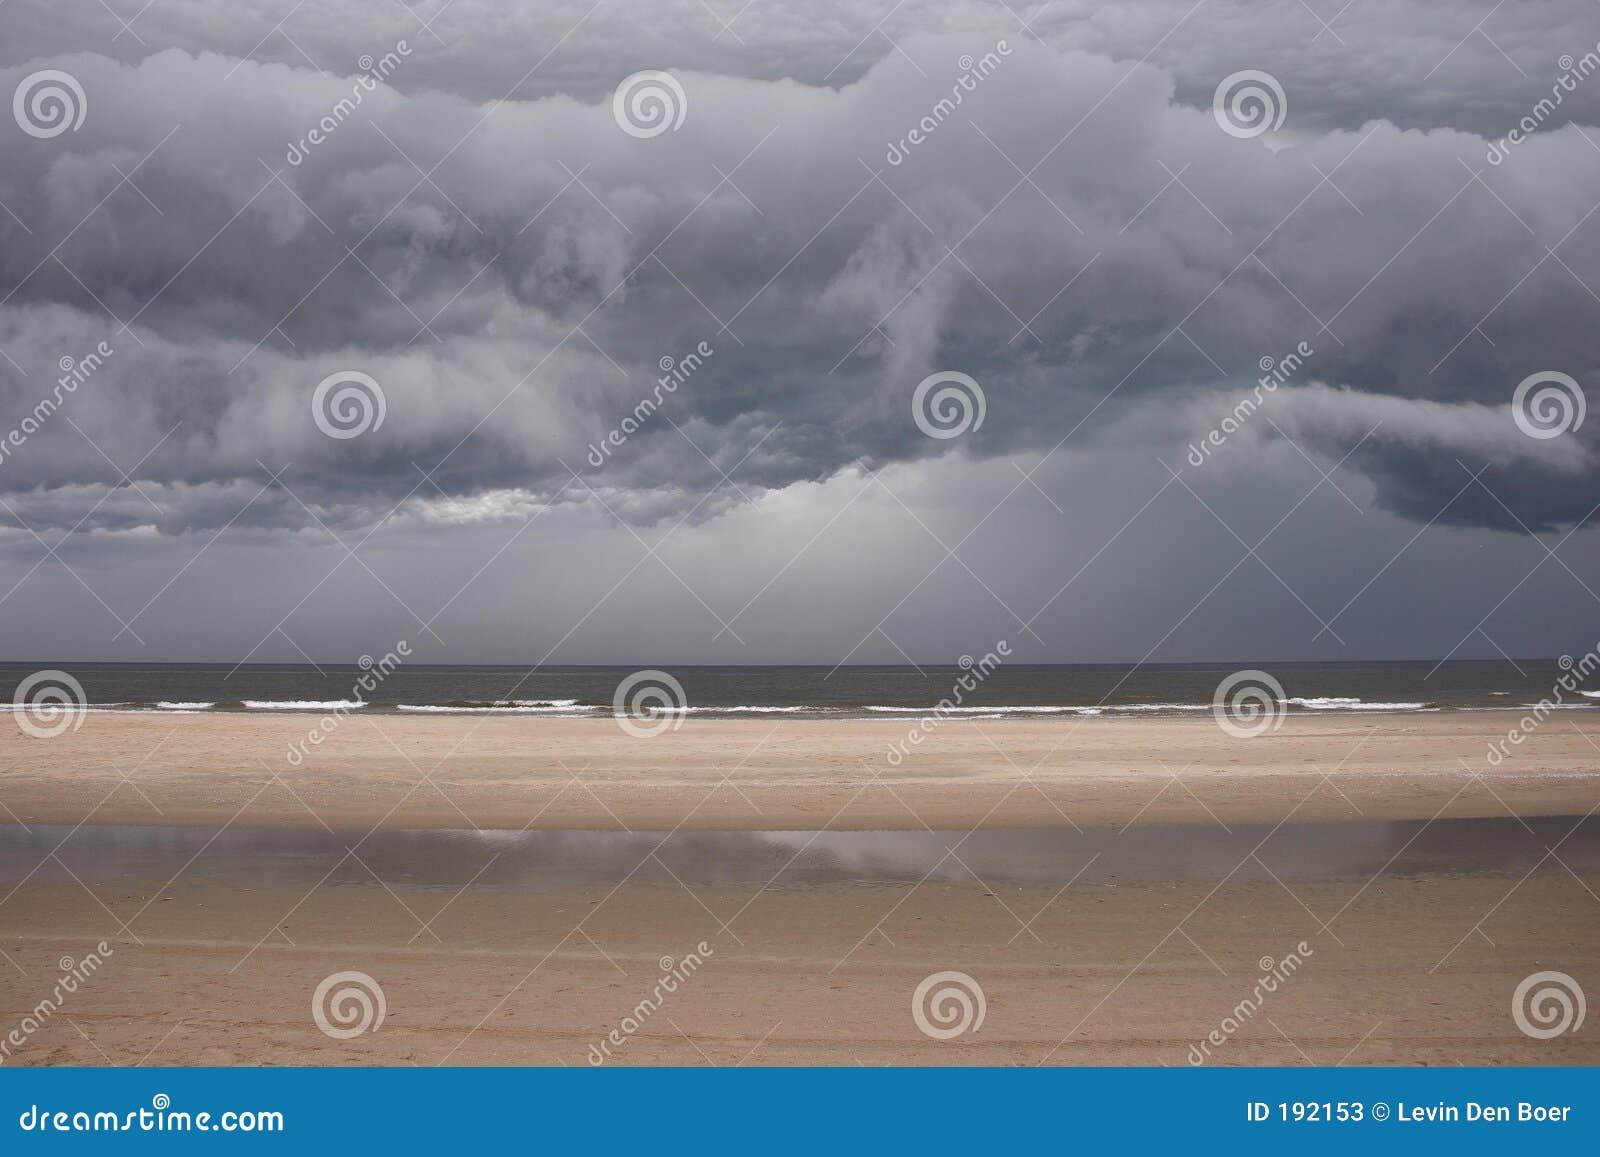 Zandvoort_012